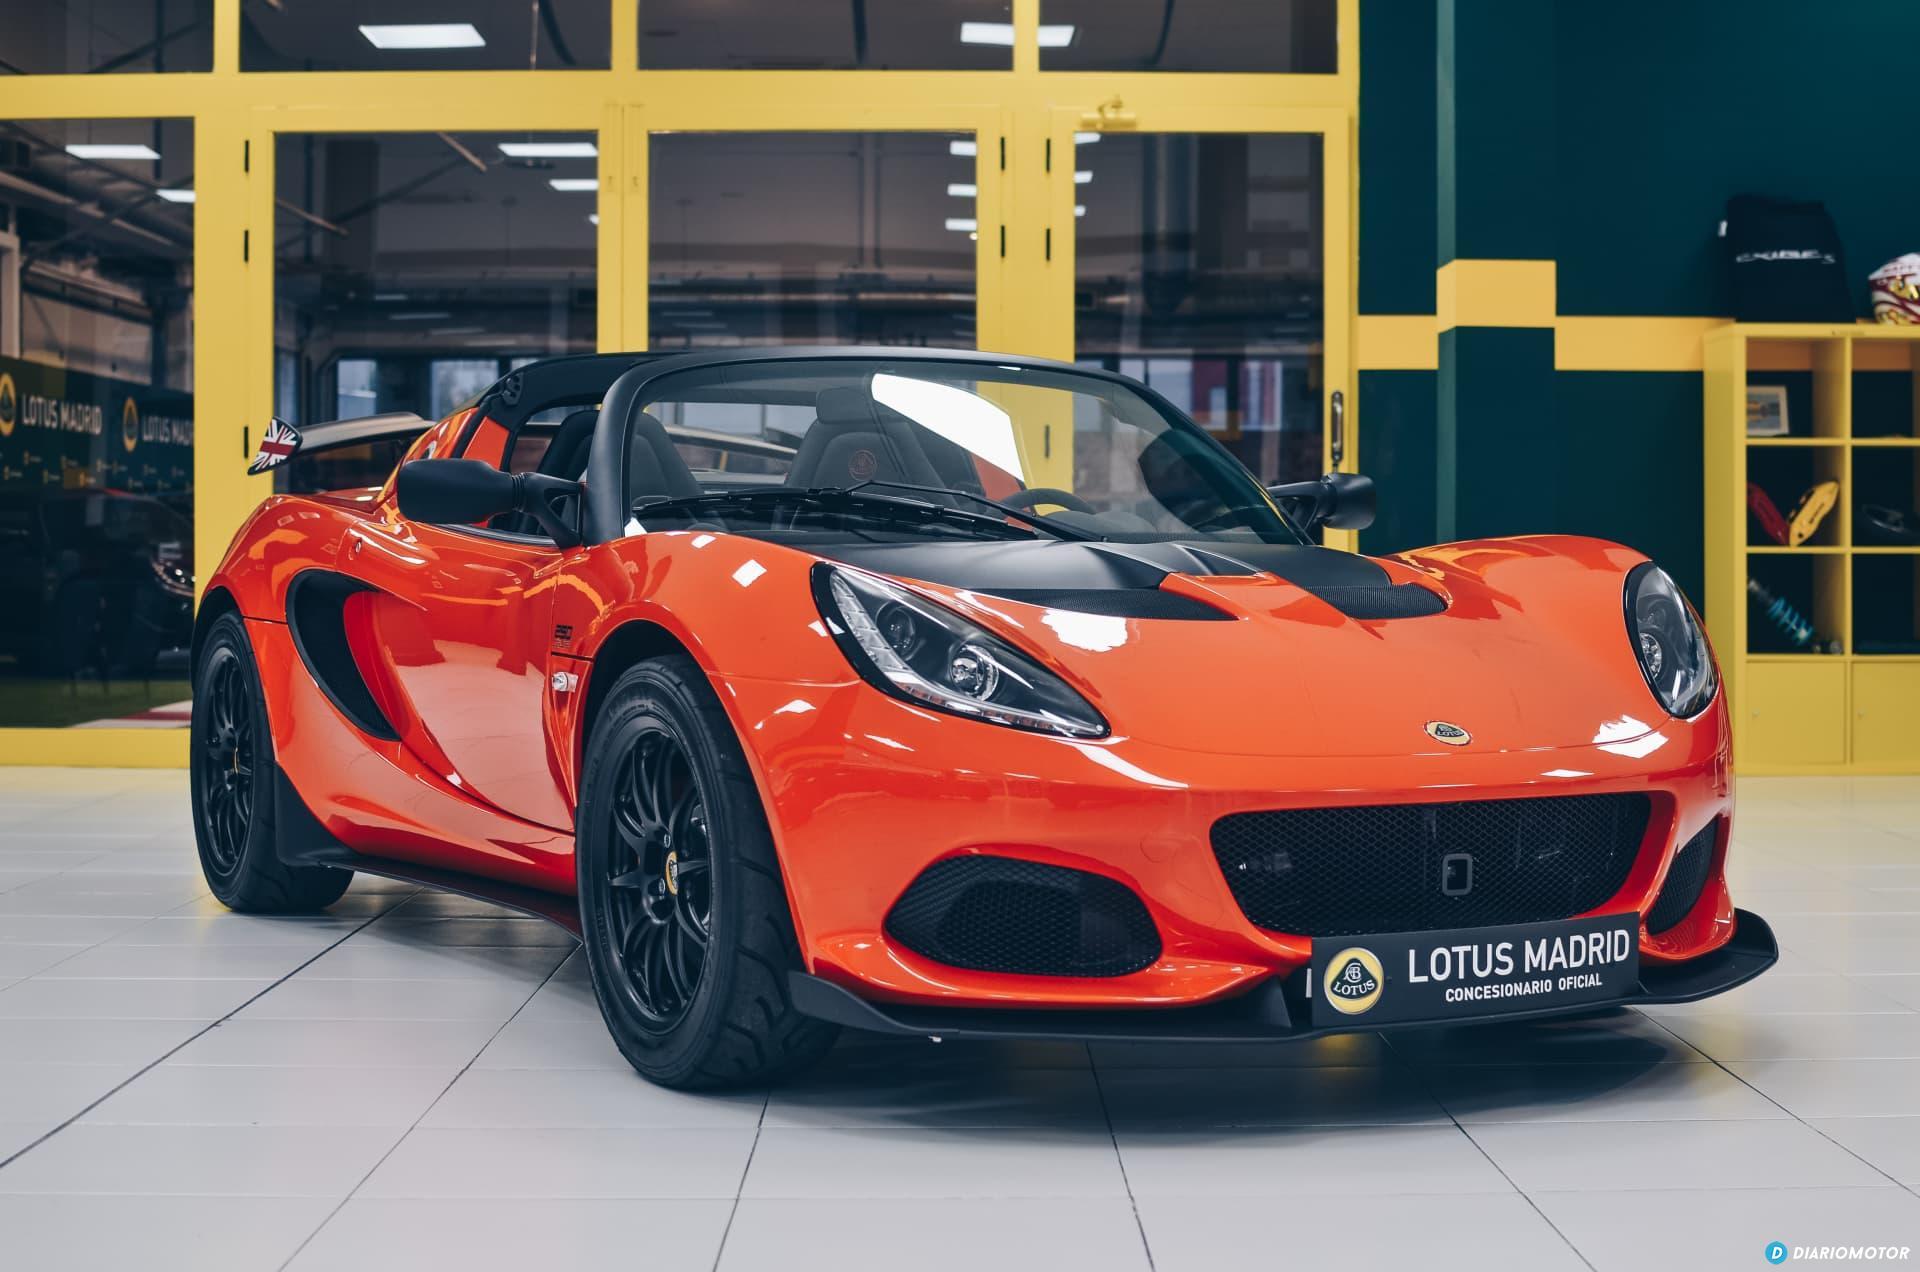 41e471737bd3 ¿Cuánto cuesta un Lotus en España  Estos son los precios del Lotus Elise